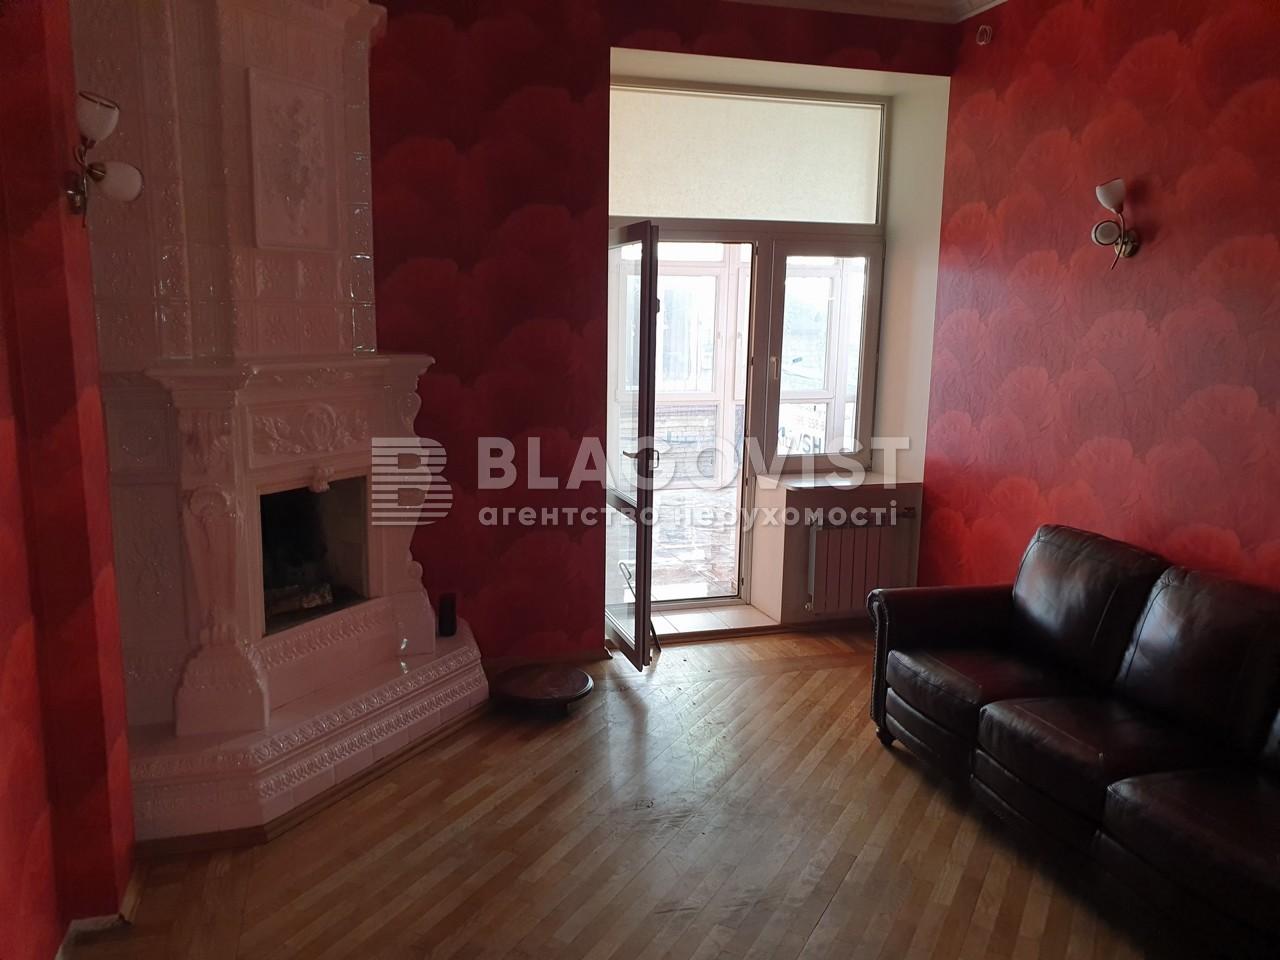 Квартира R-35156, Большая Васильковская, 30, Киев - Фото 3